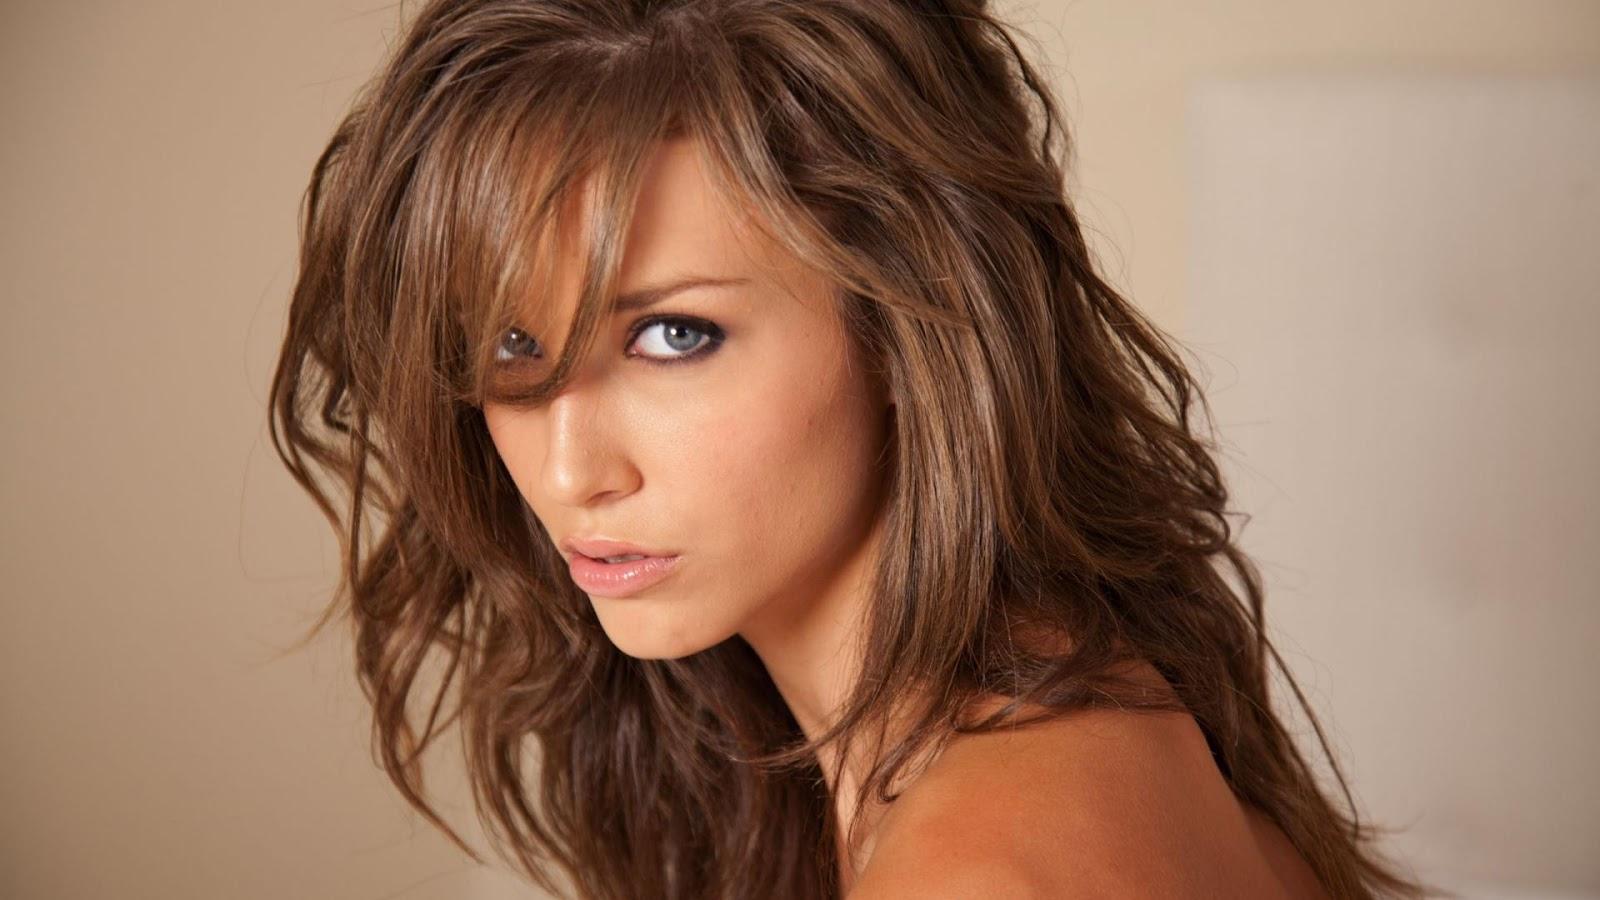 Фото девушек с красивыми мелированными волосами 21 фотография